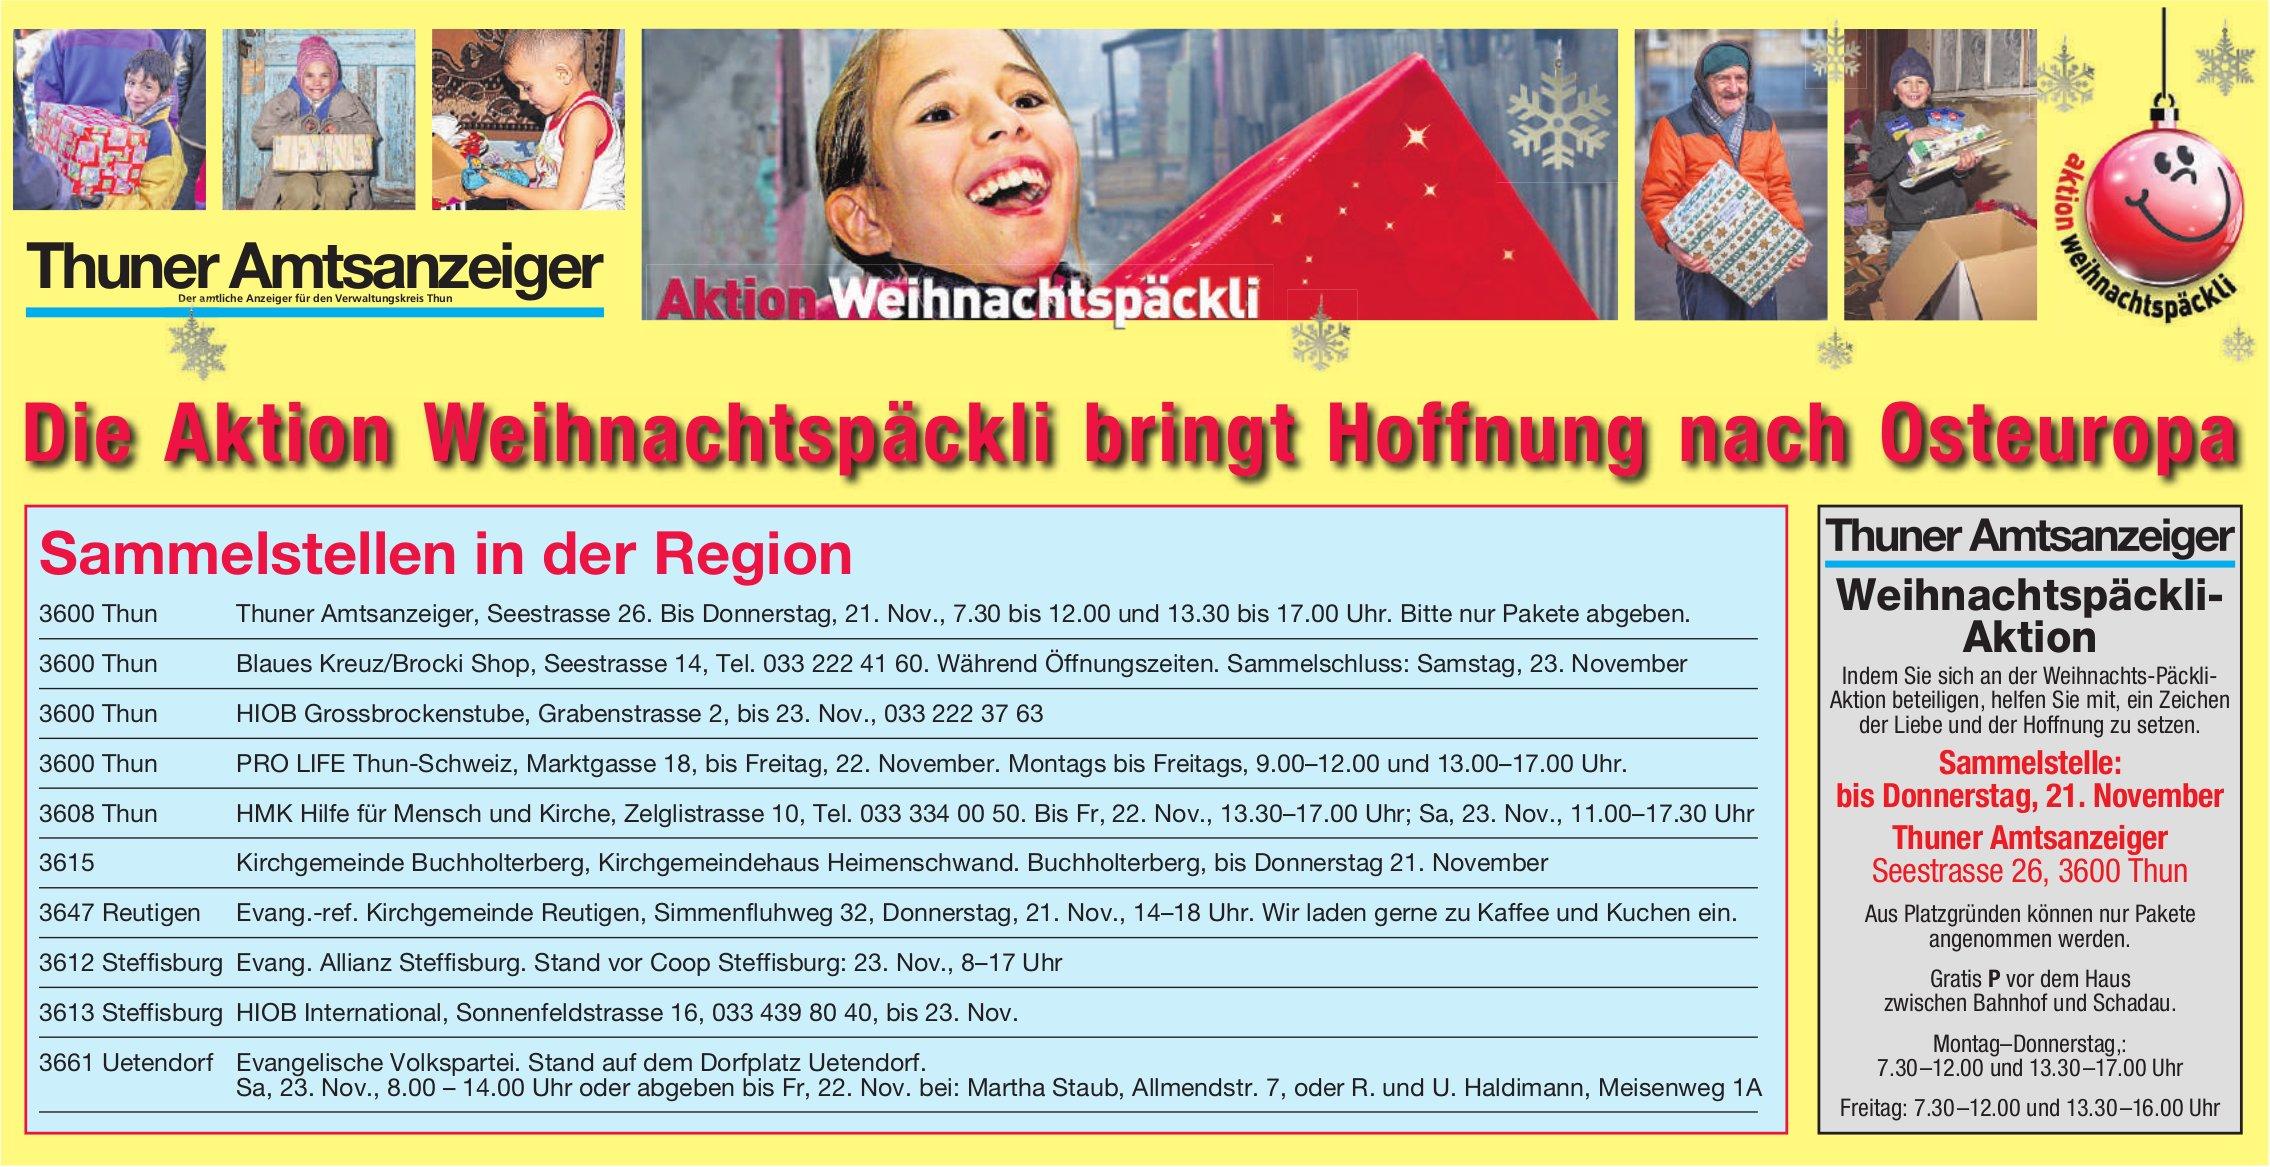 Thuner Amtsanzeiger - Weihnachtspäckli-Aktion